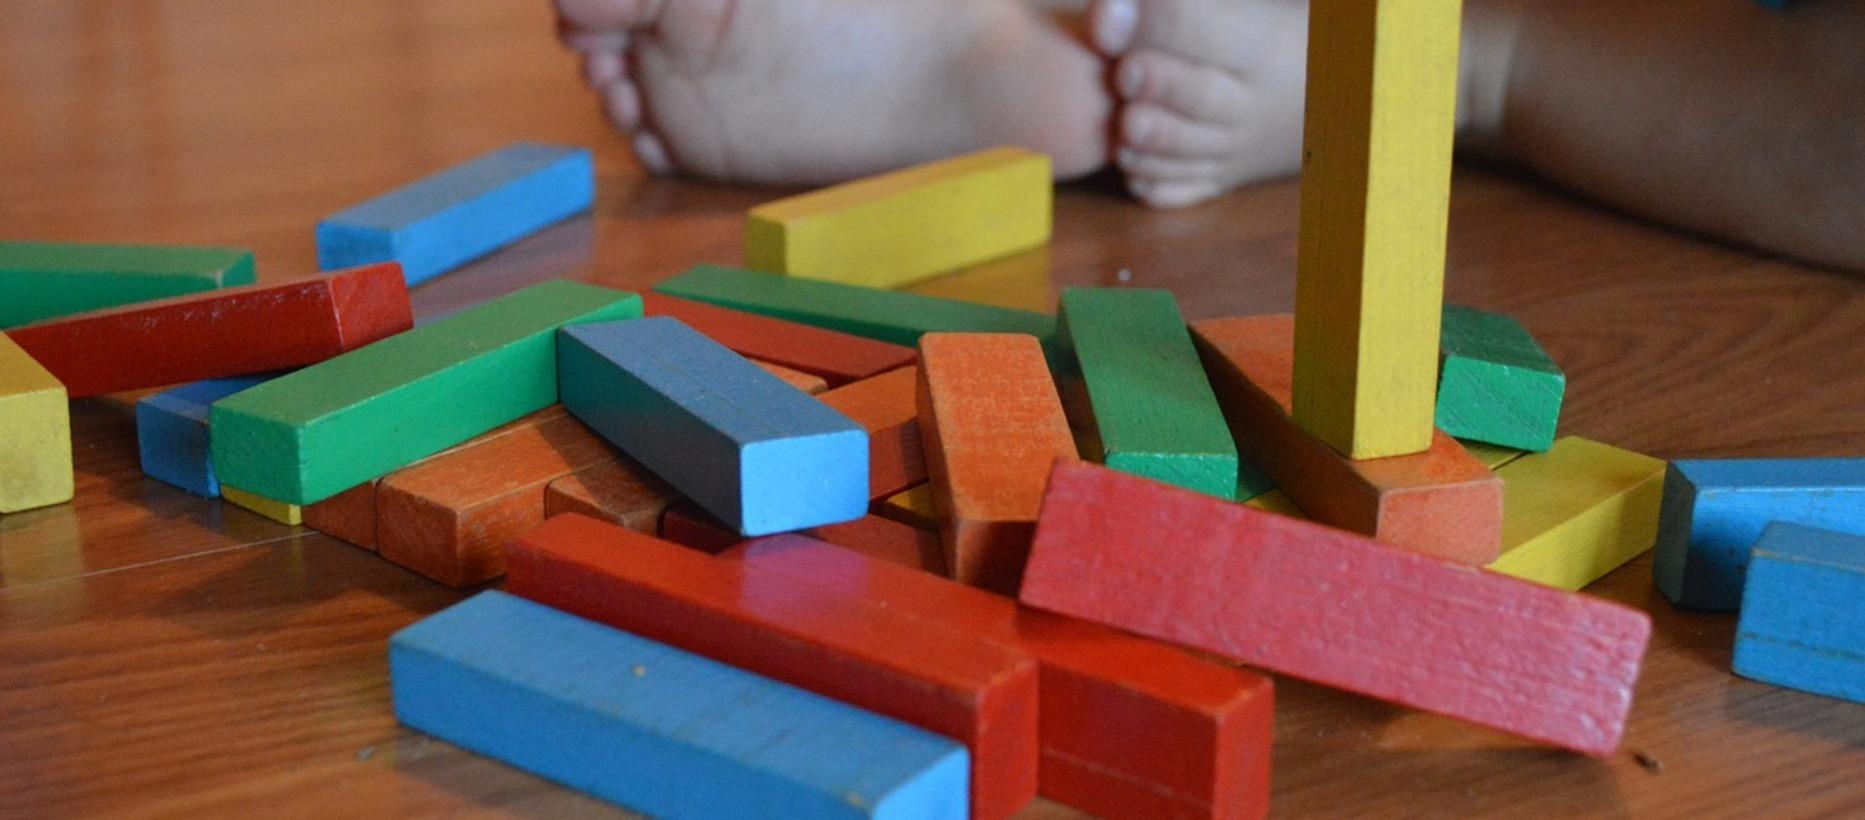 Träklossar i olika färger samt och barnfötter i bakgrunden.